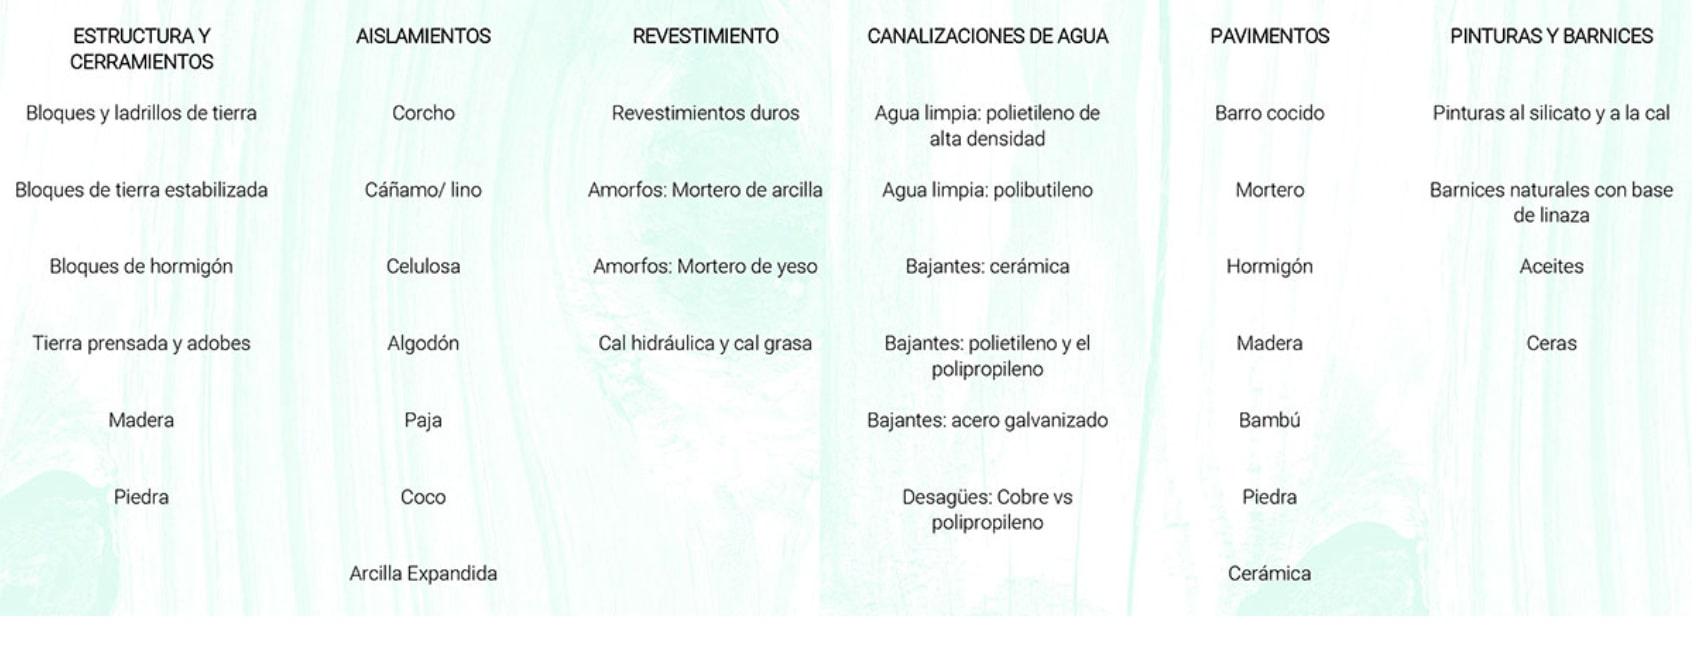 Infografía sobre materiales